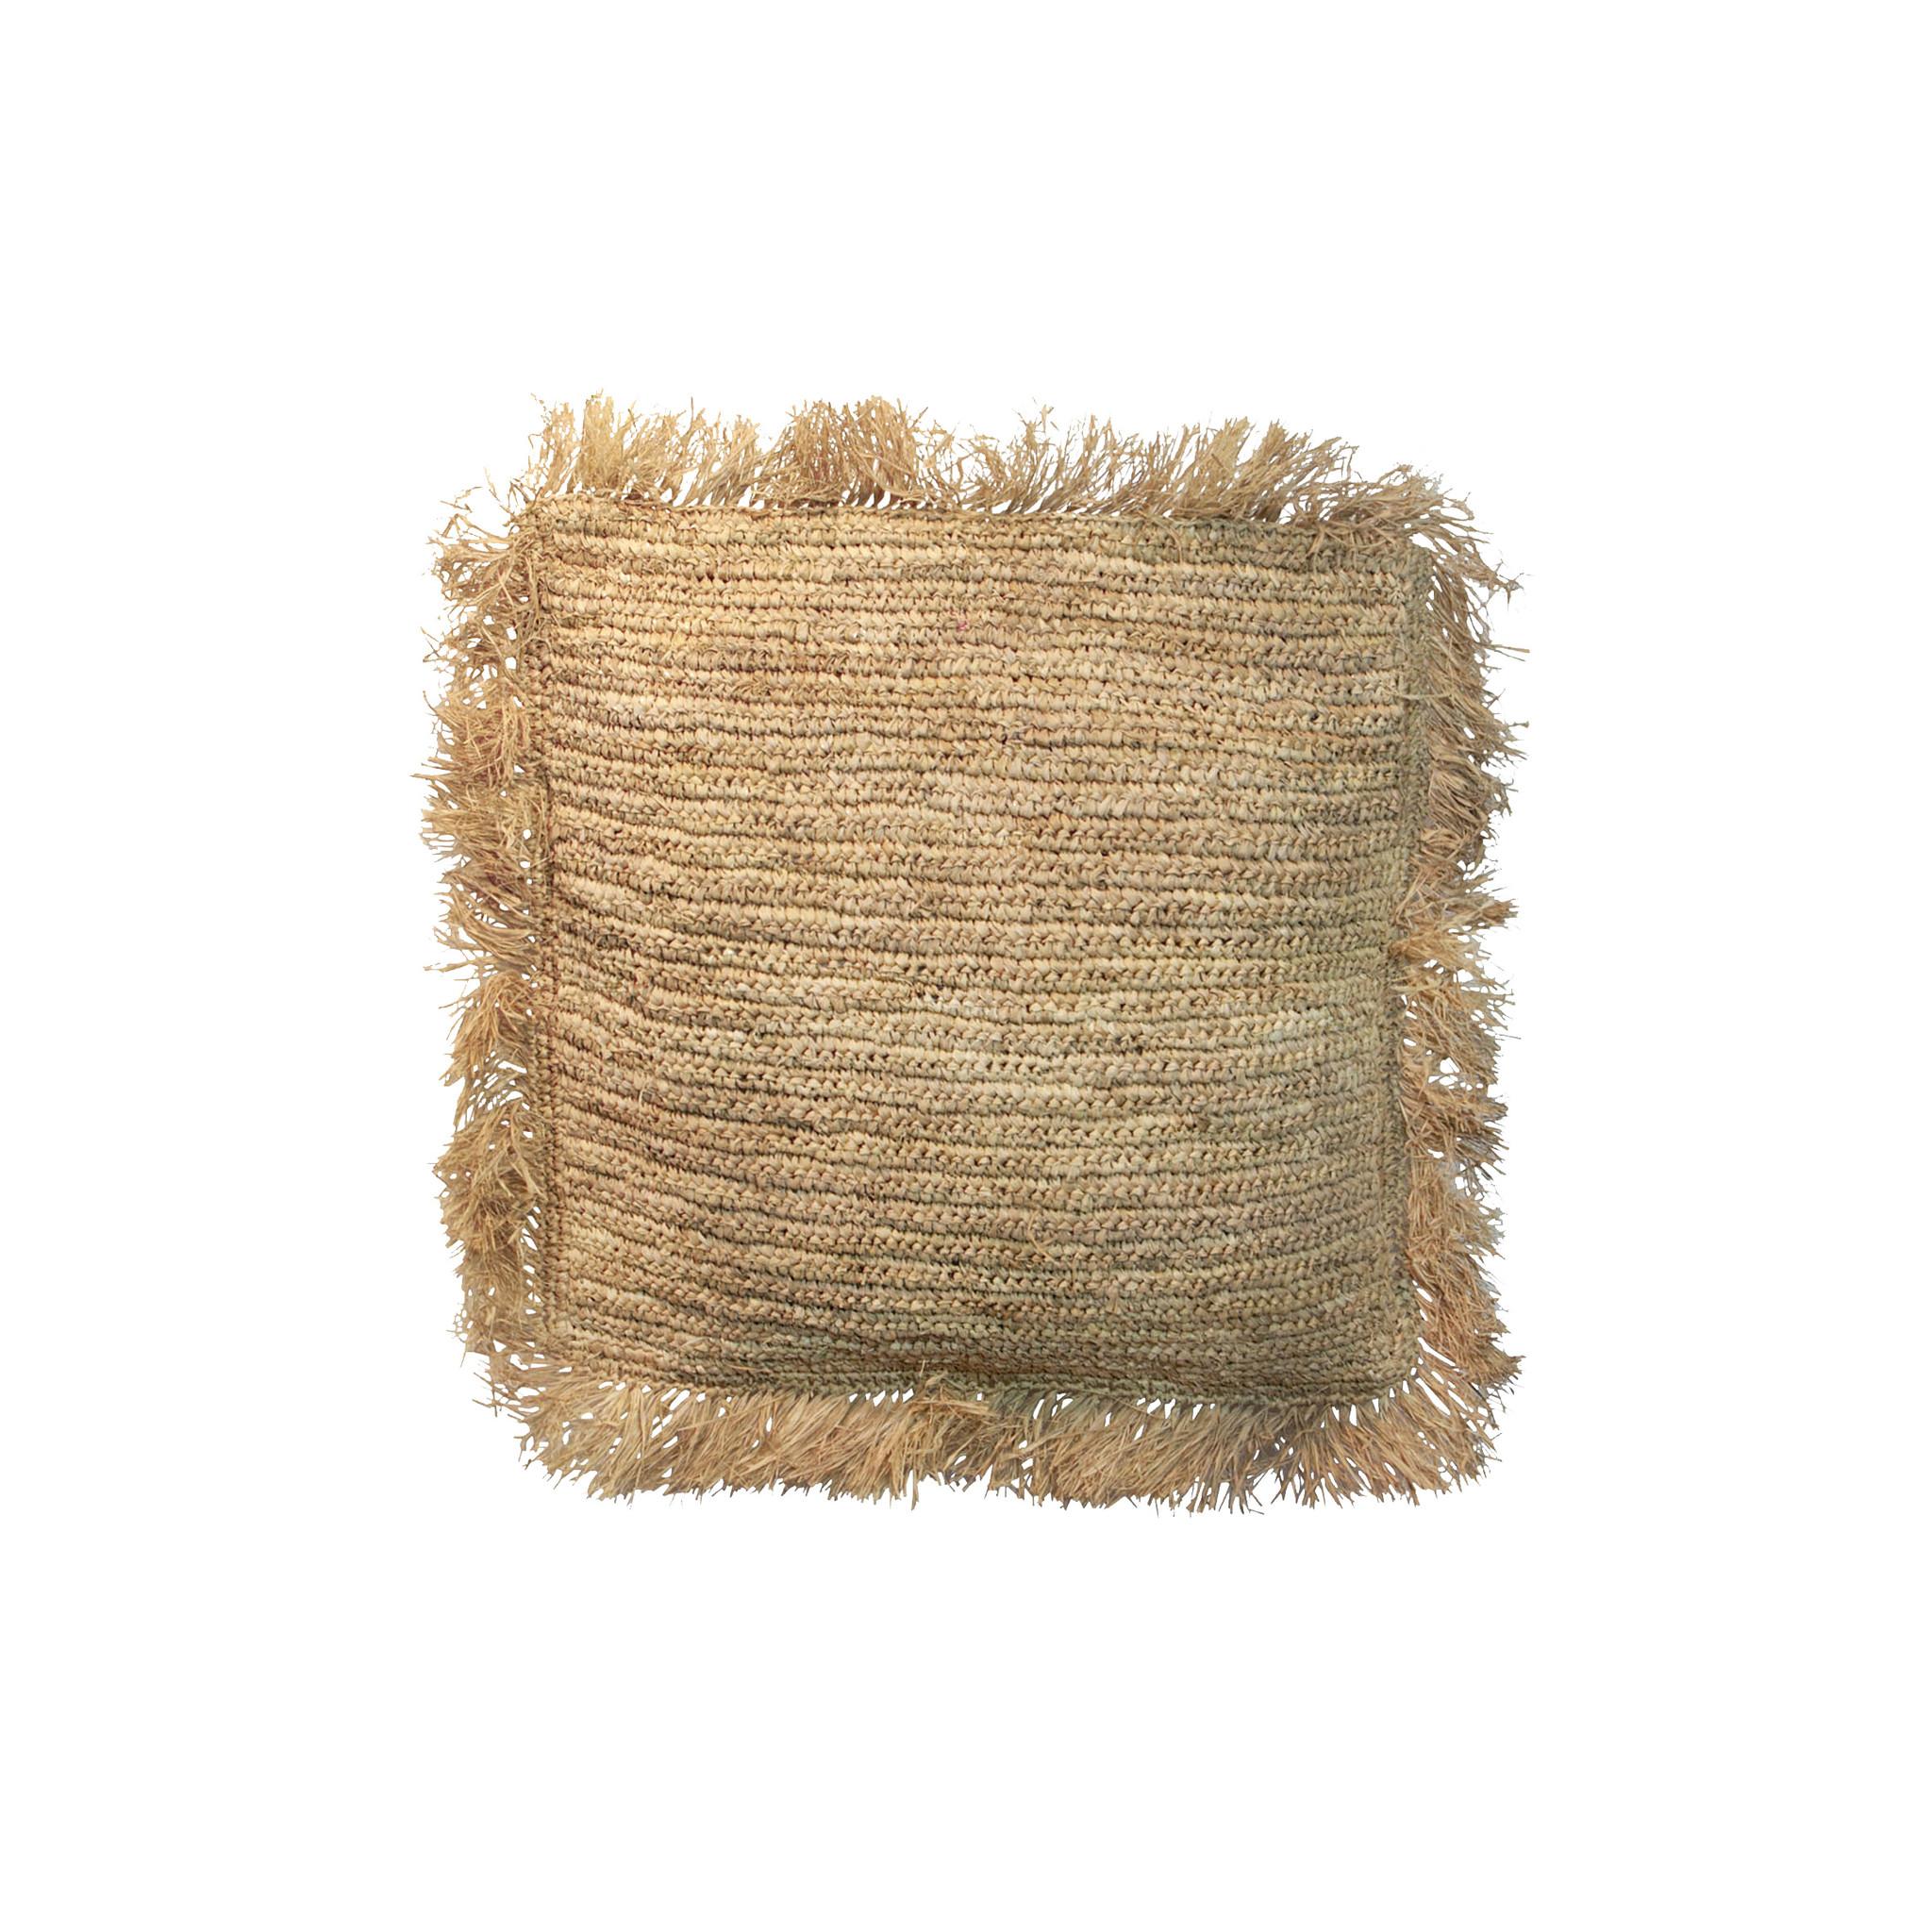 Coussin en raphia - 40x40cm - natural